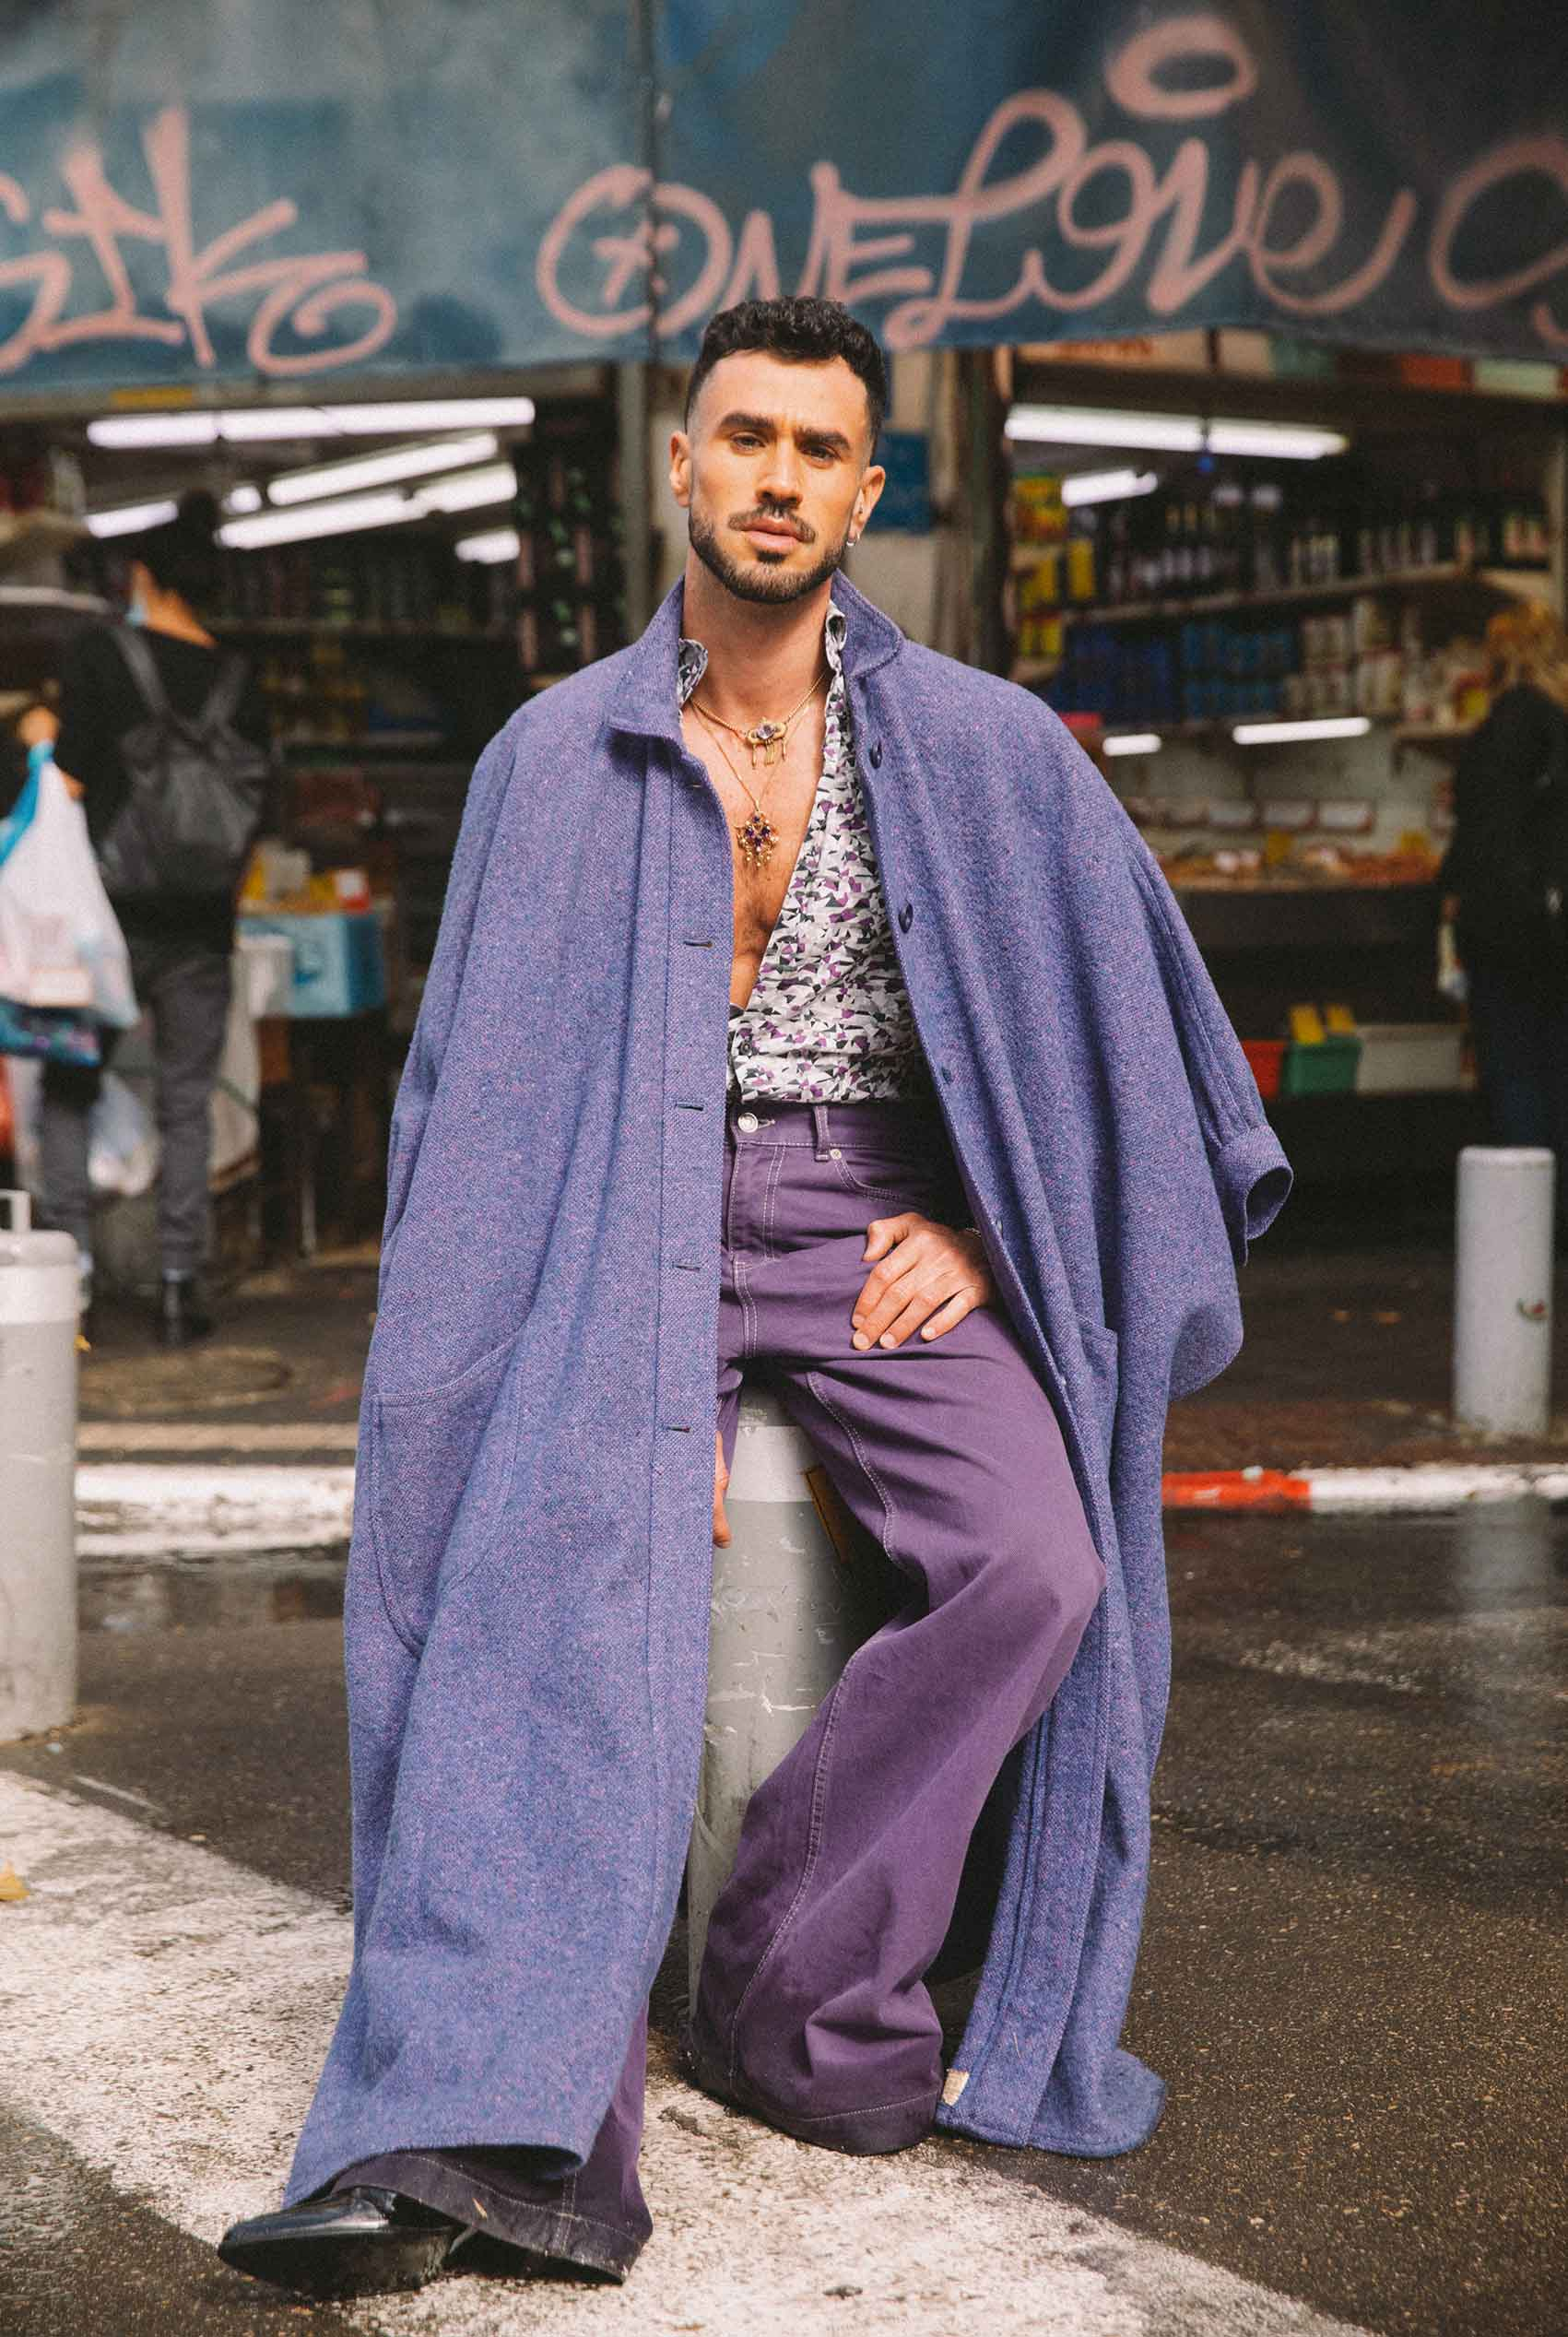 שפי-מרציאנו-מגזין-אופנה-מרוקו